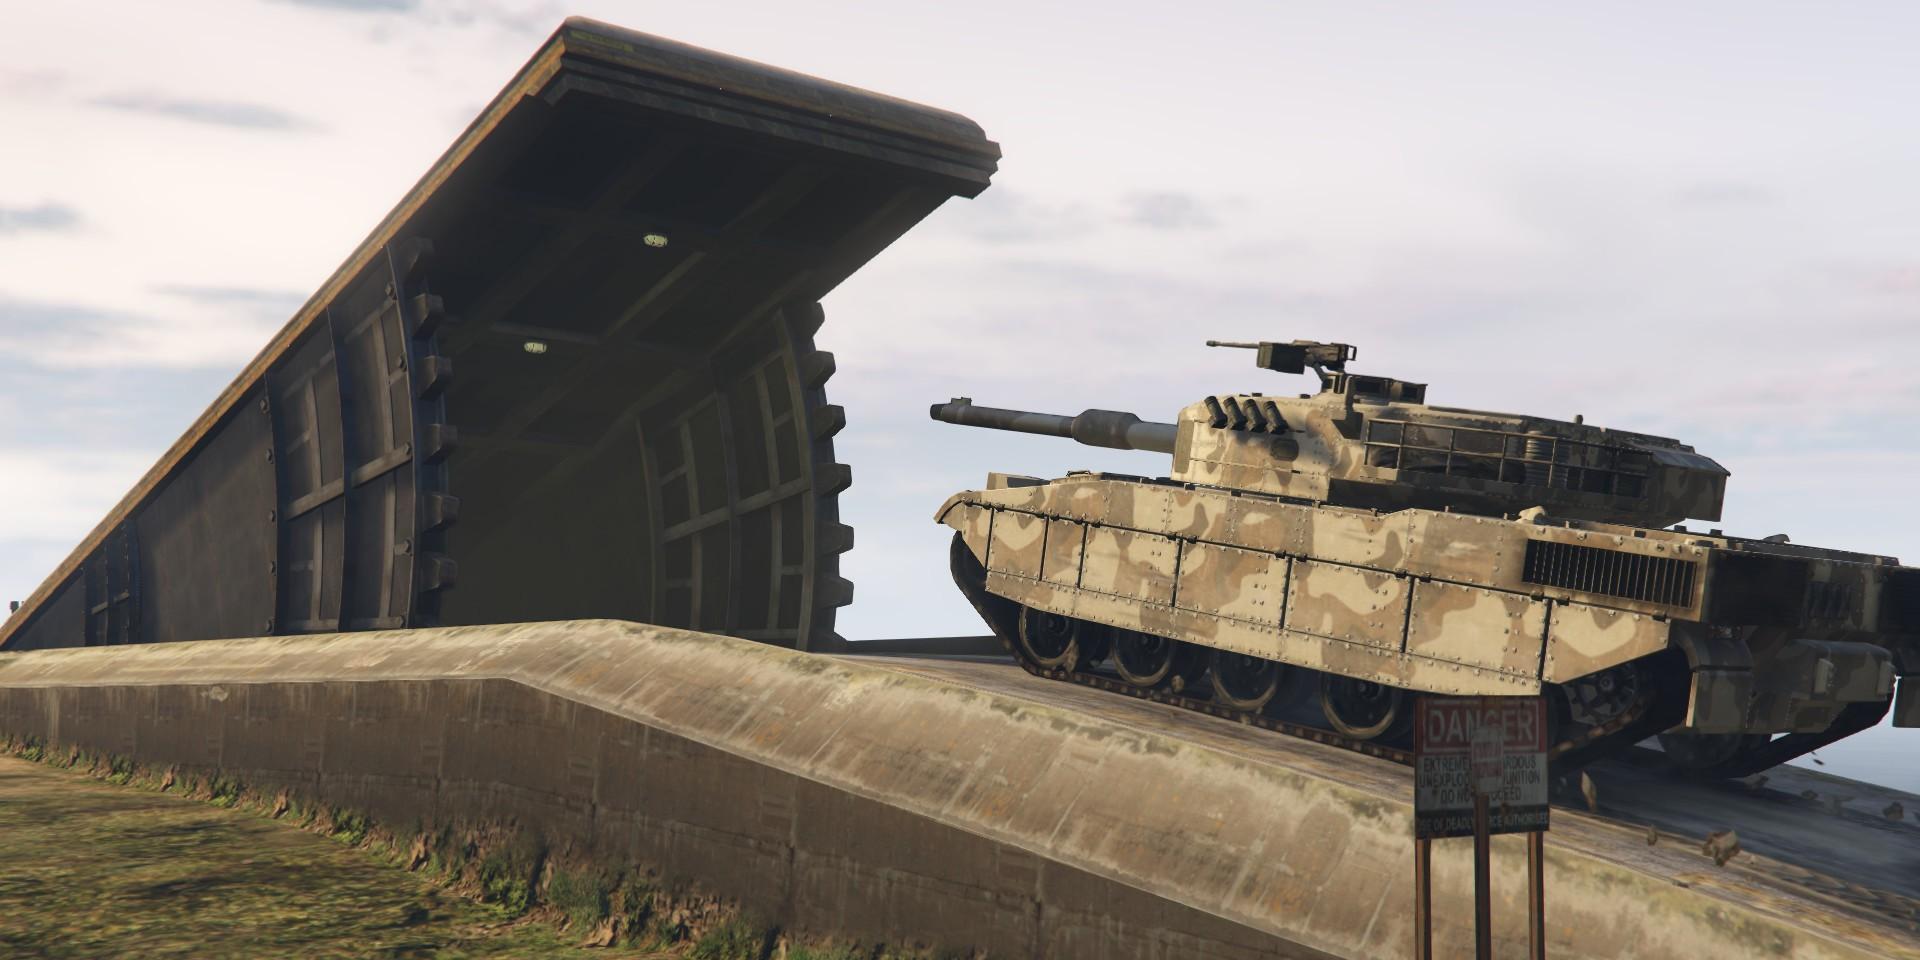 gta online bunker tank